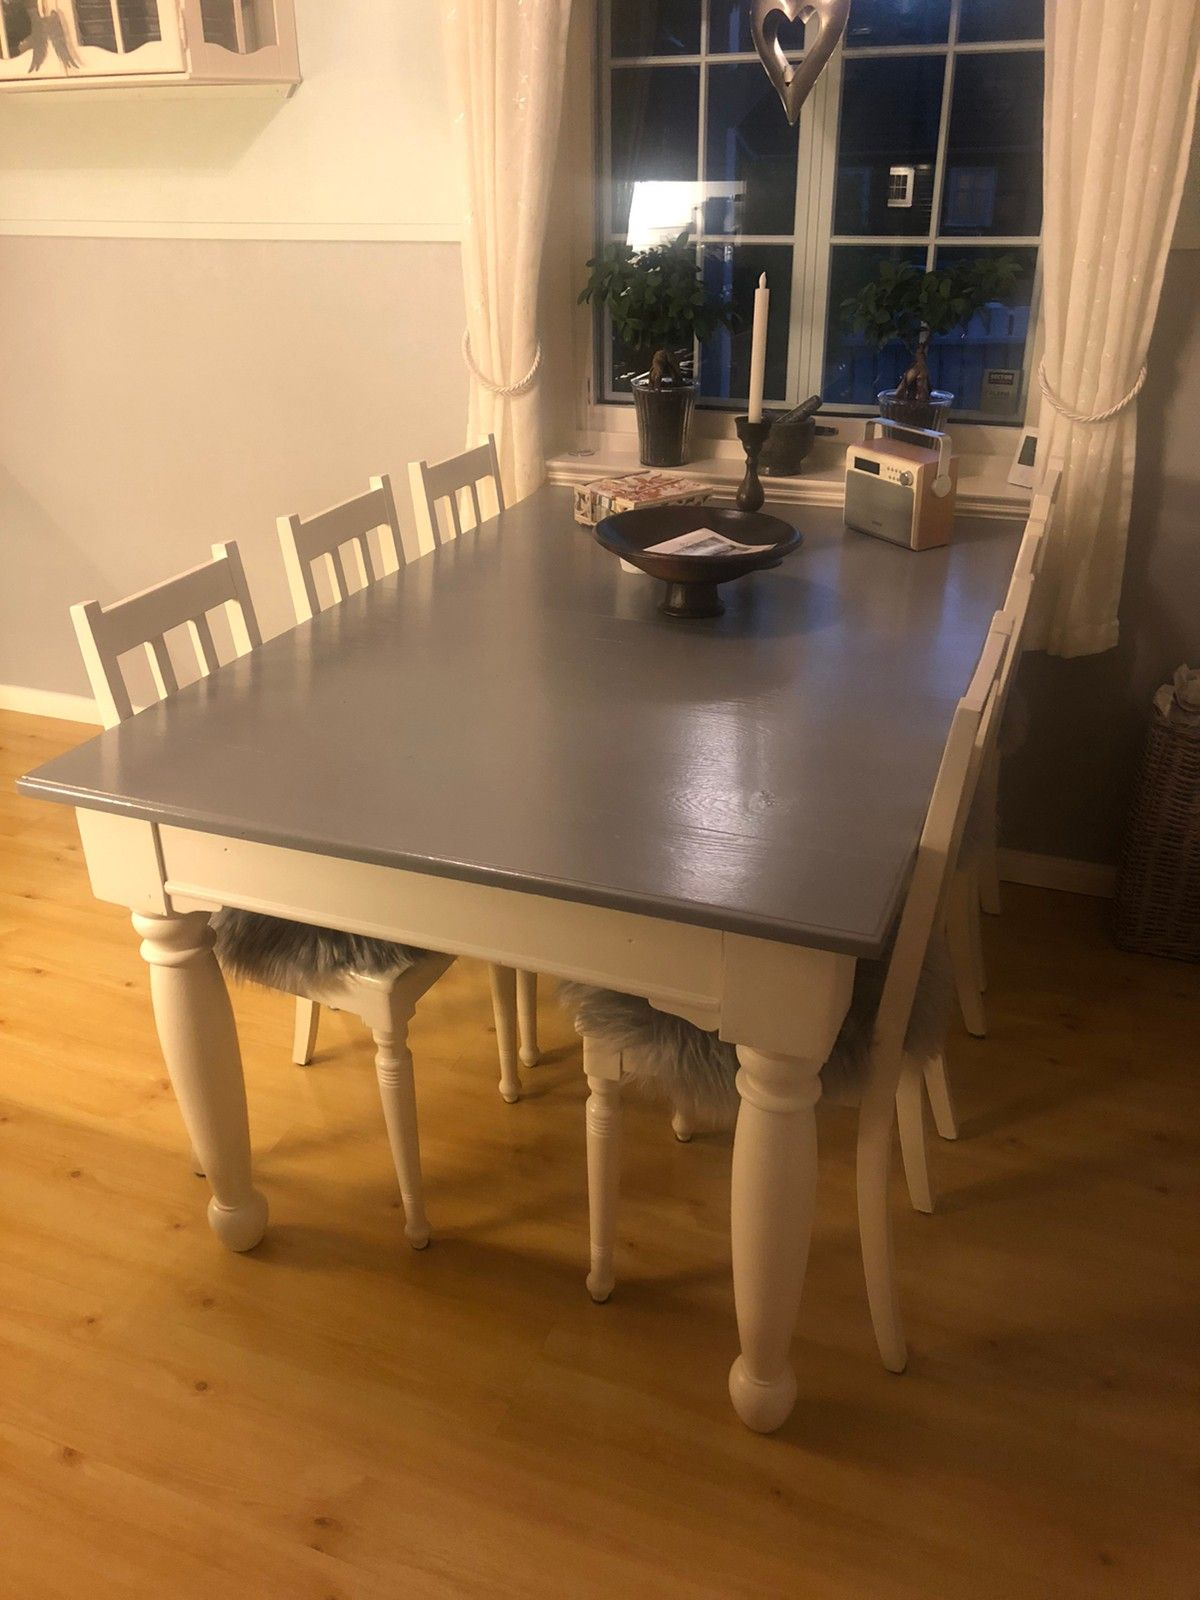 Spisestuebord med 6 Kjøpe, selge og utveksle annonser de